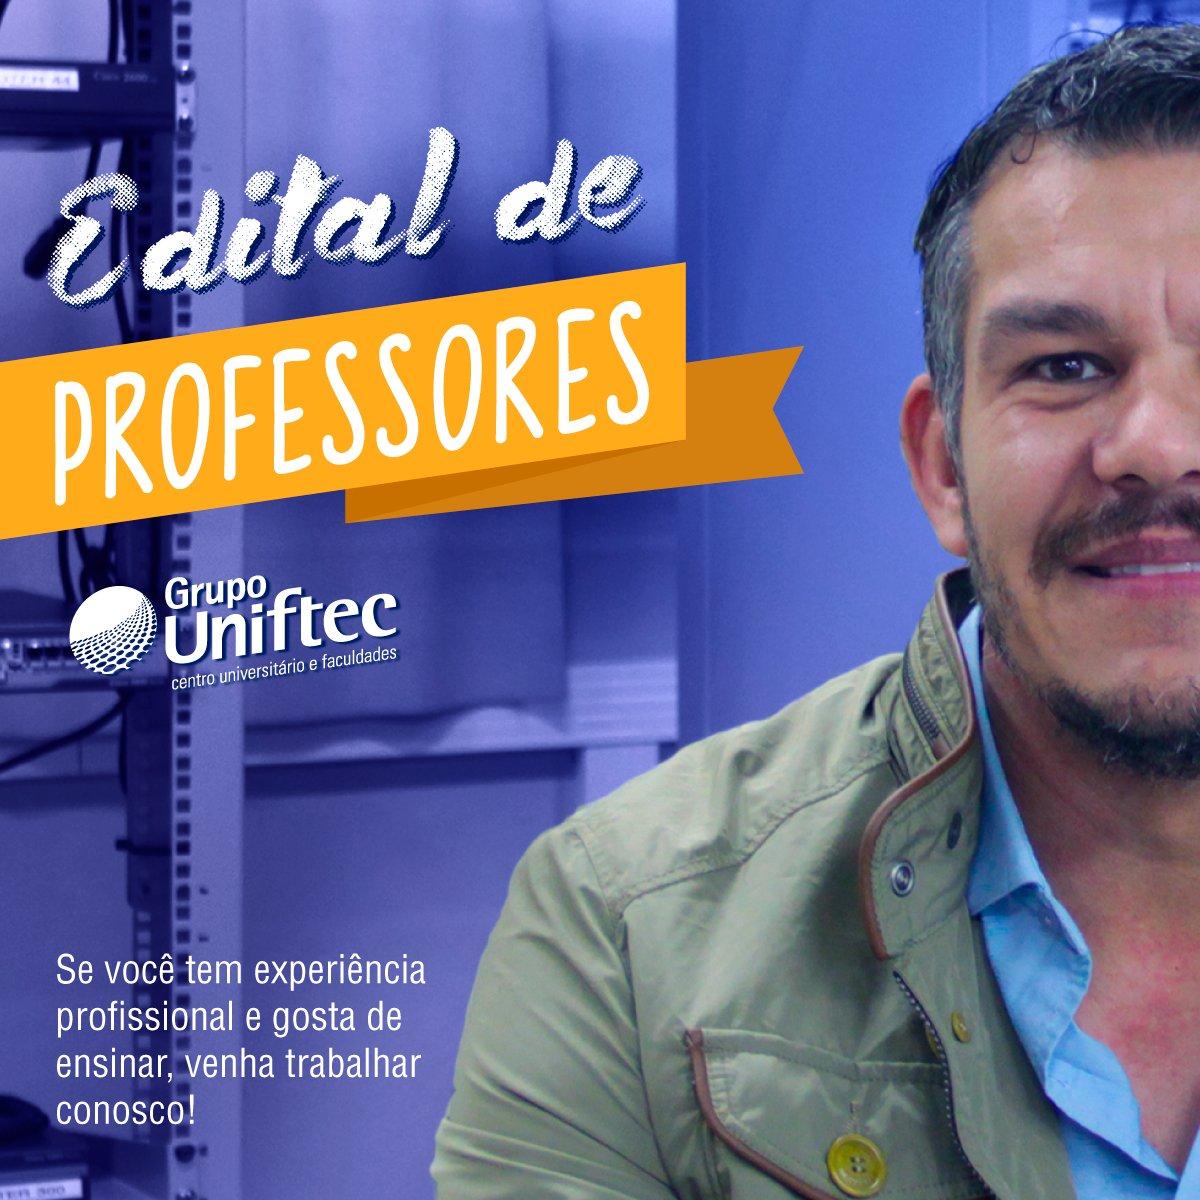 Seleção de professores na @FtecFaculdades, edital no link https://t.co/1Y7RNQ03gA #SeleçãodeProfessores #GrupoUniftec #CX #POA #NH #Bento https://t.co/WGniE2kJXK